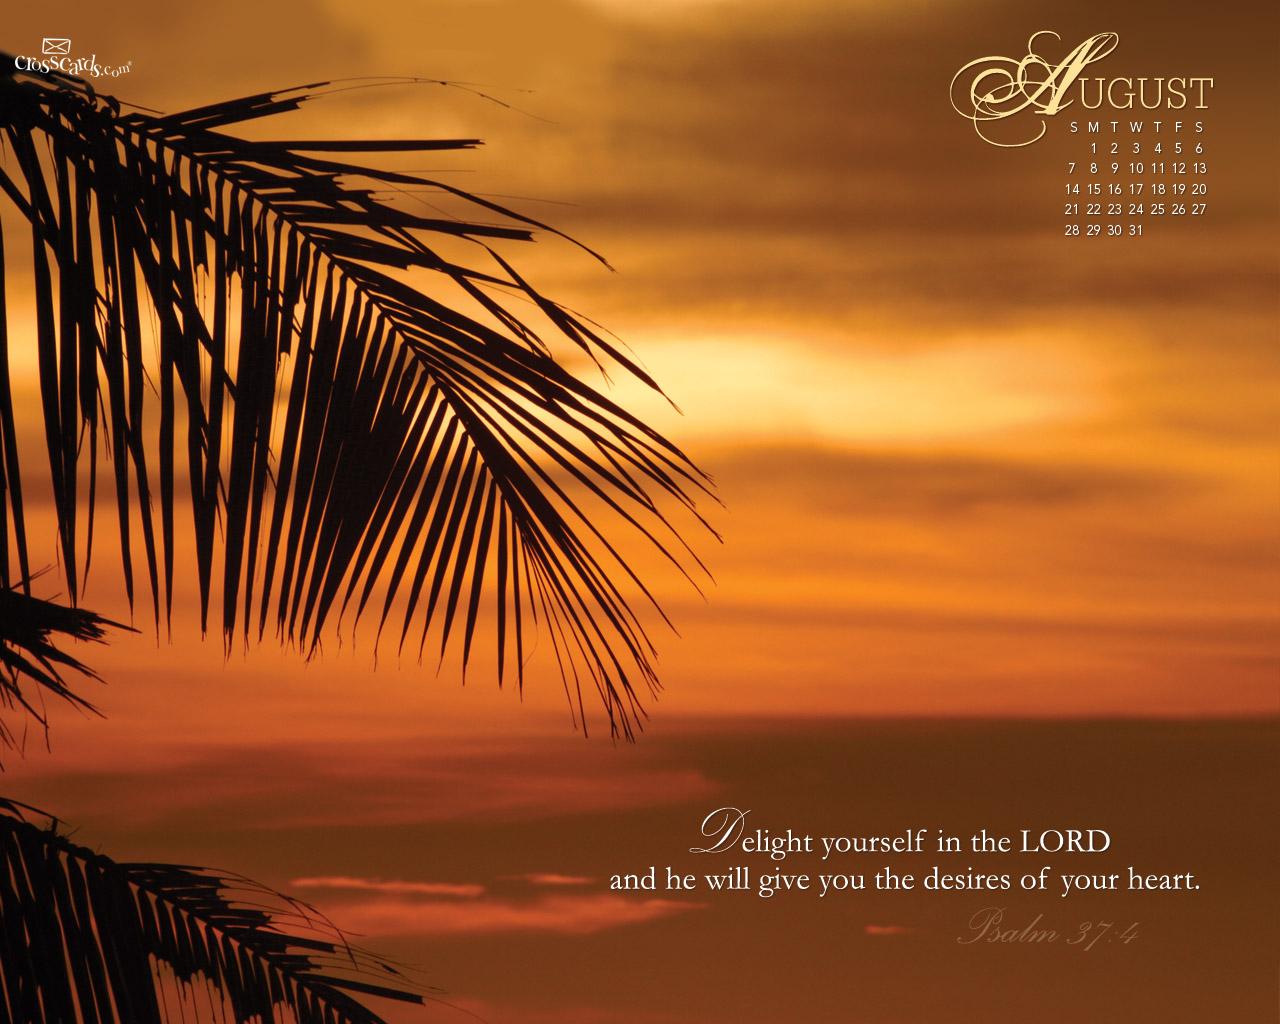 Christian Wallpaper Calendar : Christian wallpaper calendar wallpapersafari